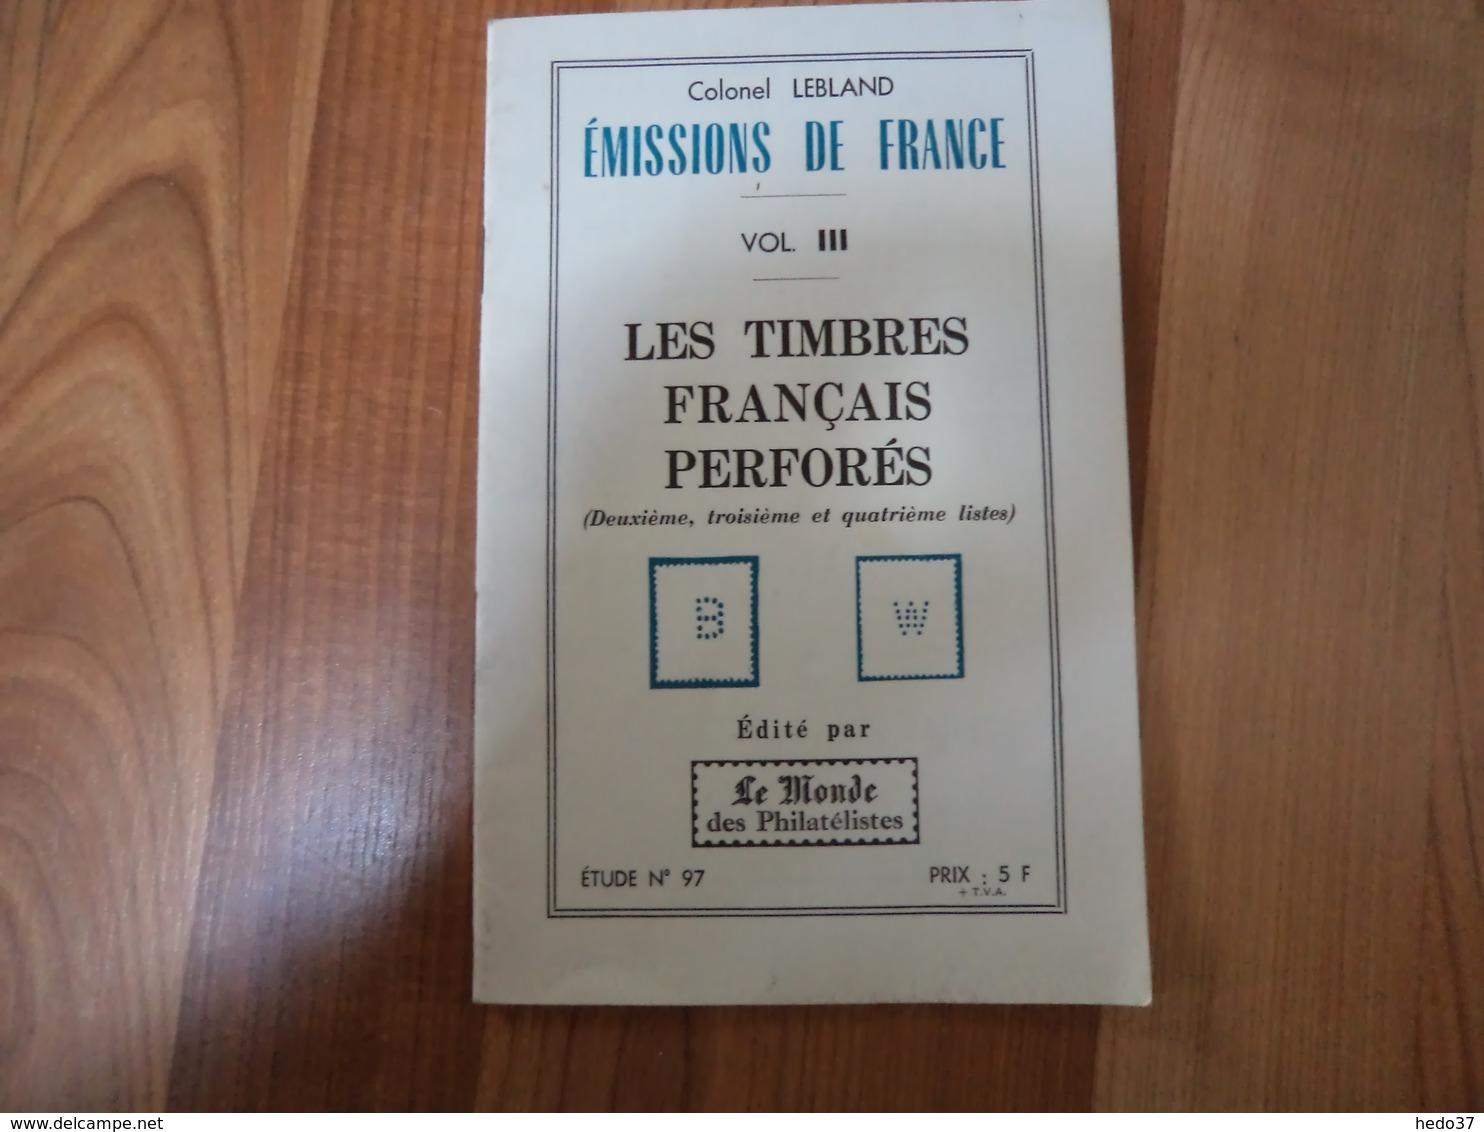 Les Timbres Français Perforés - Lebland - 32 Pages - Frankreich